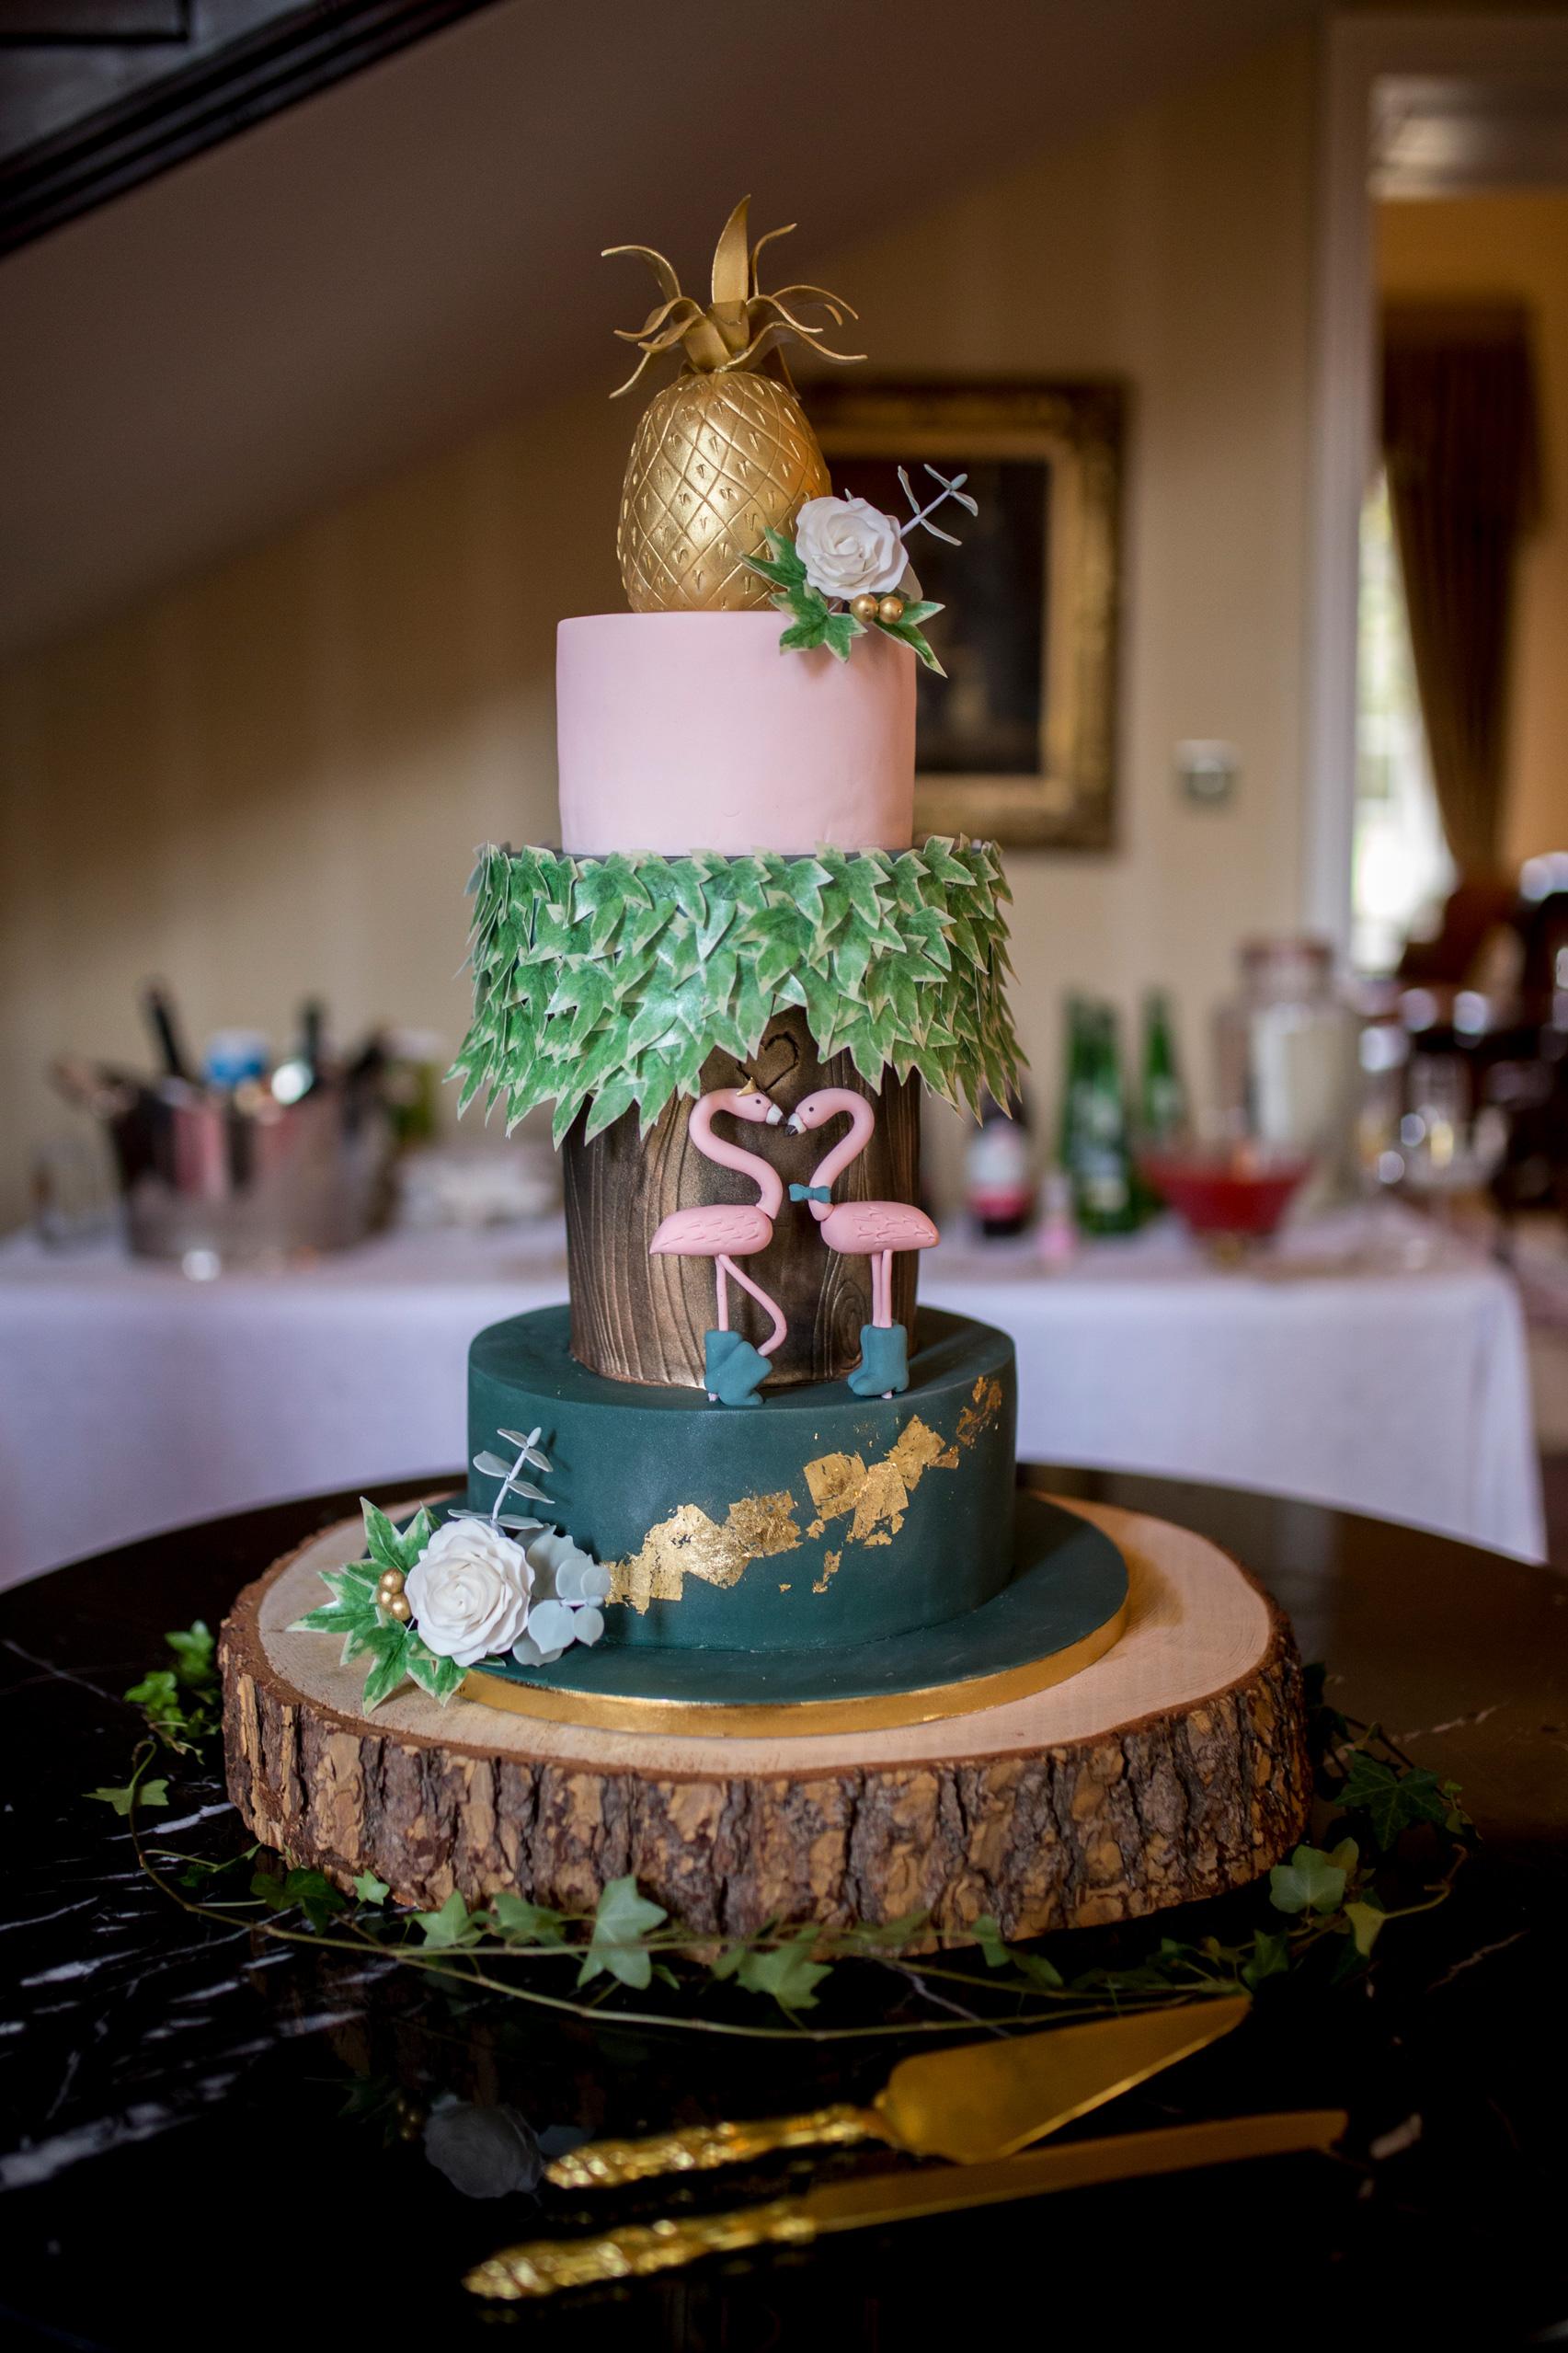 Wedding Cake, Flamingo Cake, Alternative Wedding Cake, Pineapple Wedding Cake,